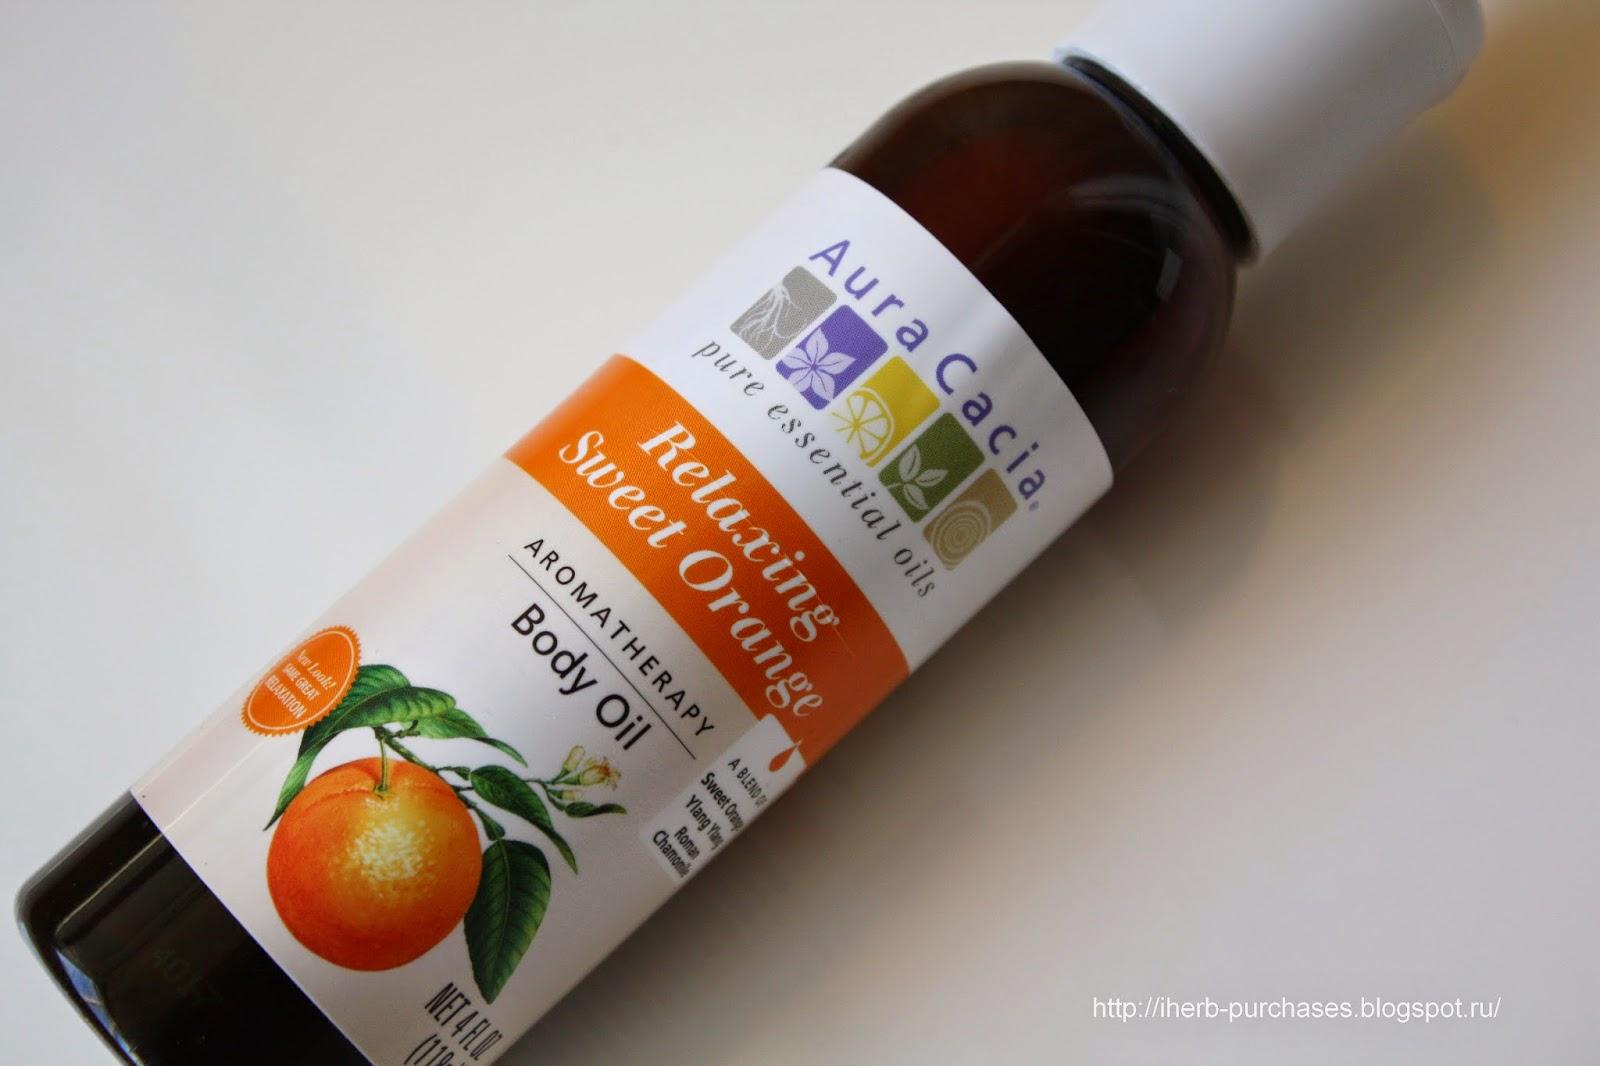 апельсиновое масло, от целлюлита, отзыв, iherb